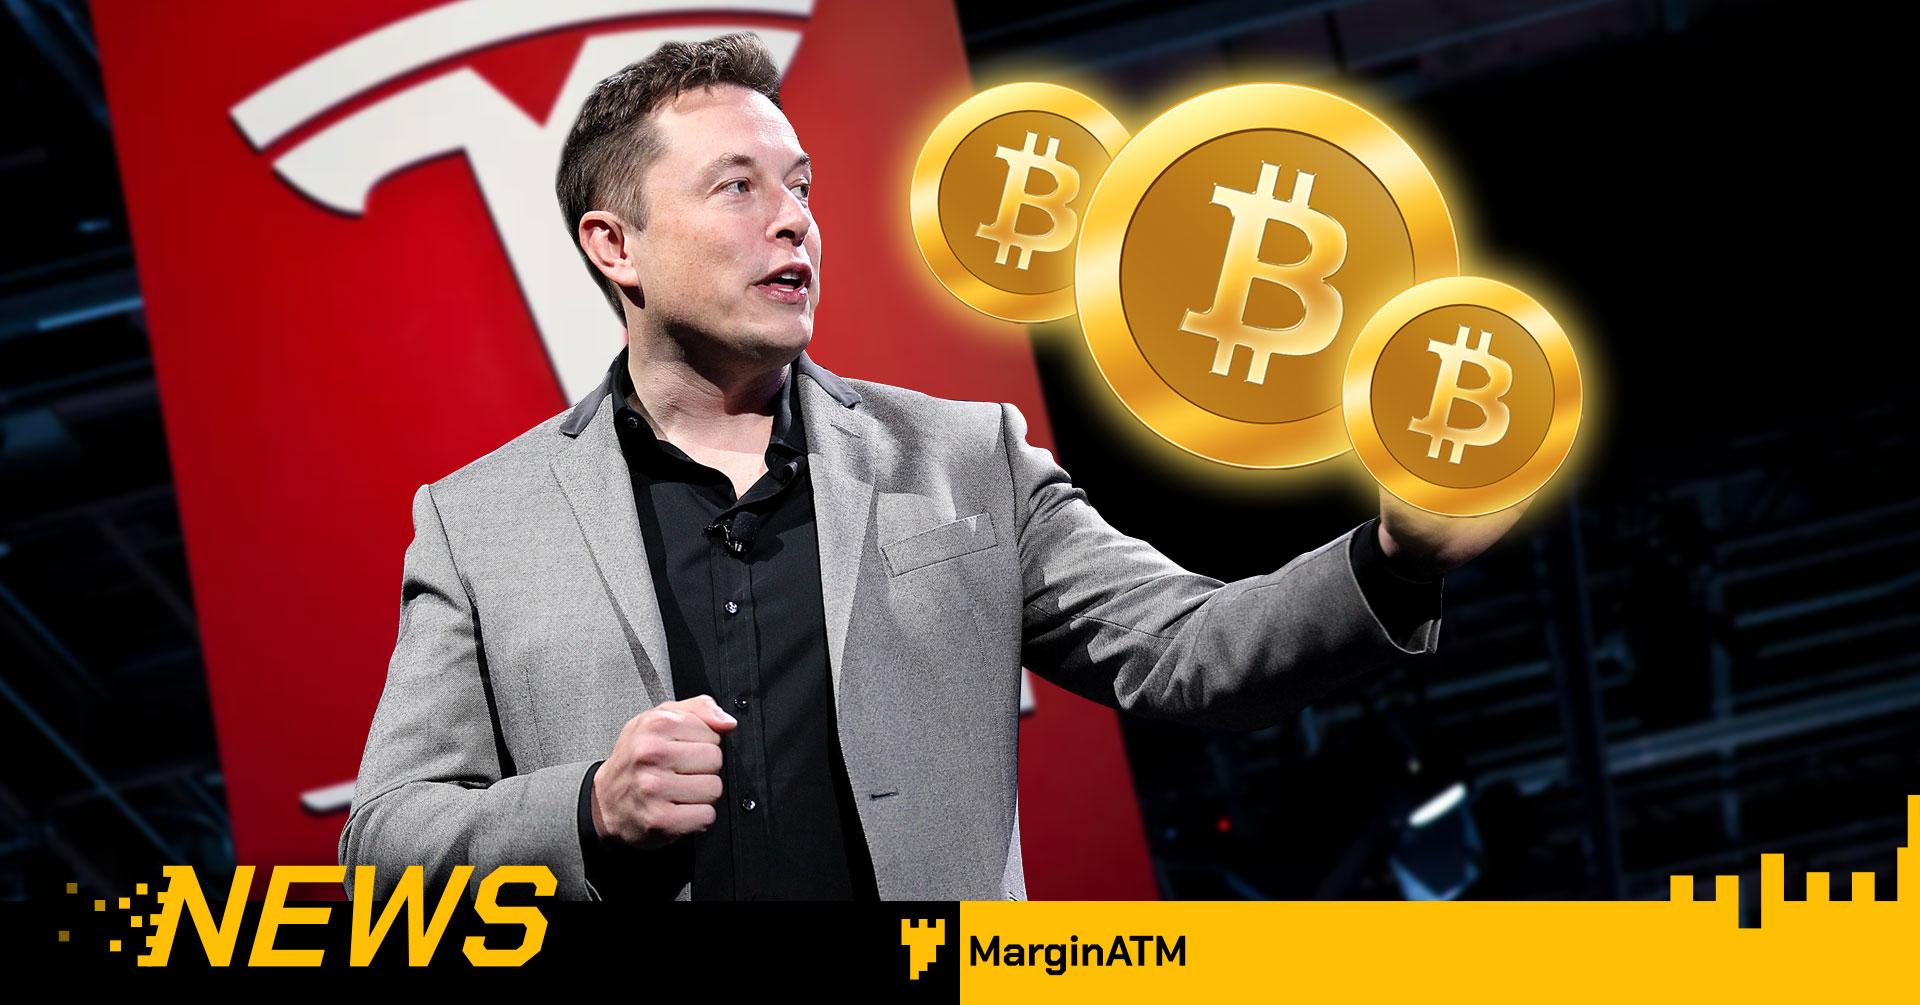 Elon Musk tiết lộ Tesla sở hữu khoảng 42 nghìn Bitcoin